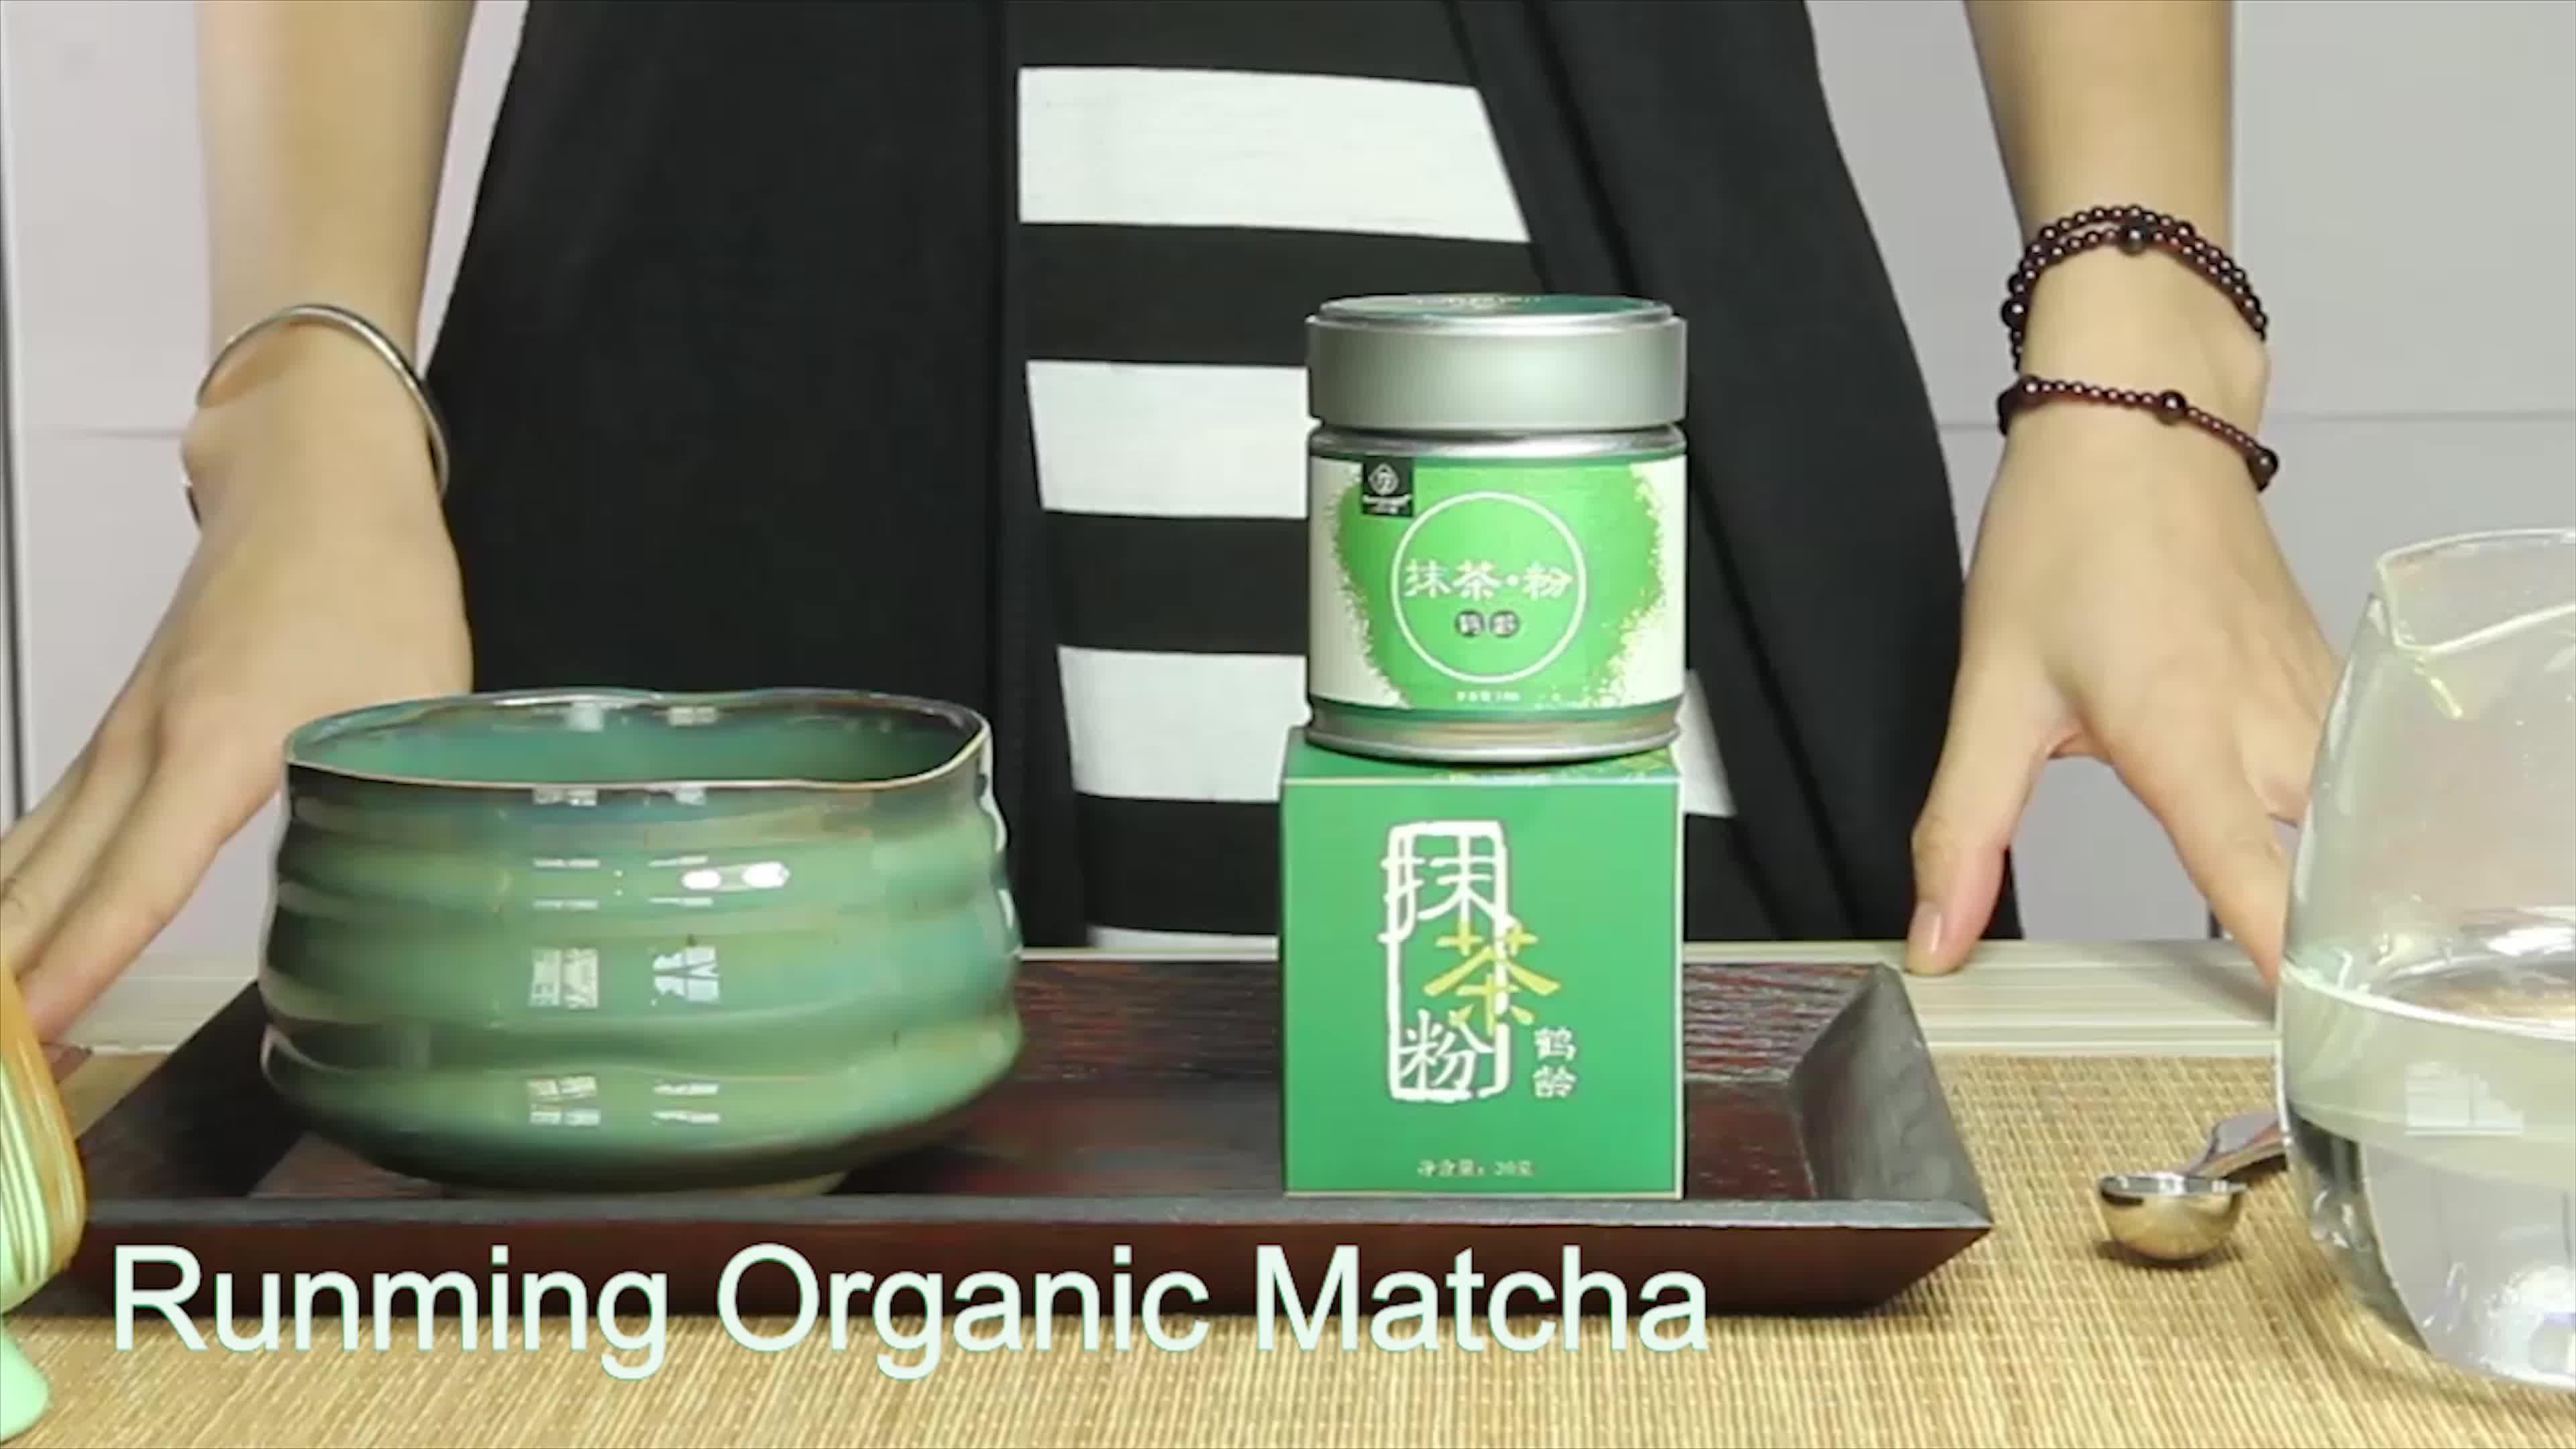 유기 matcha 녹차 분말/ 중국어 녹차